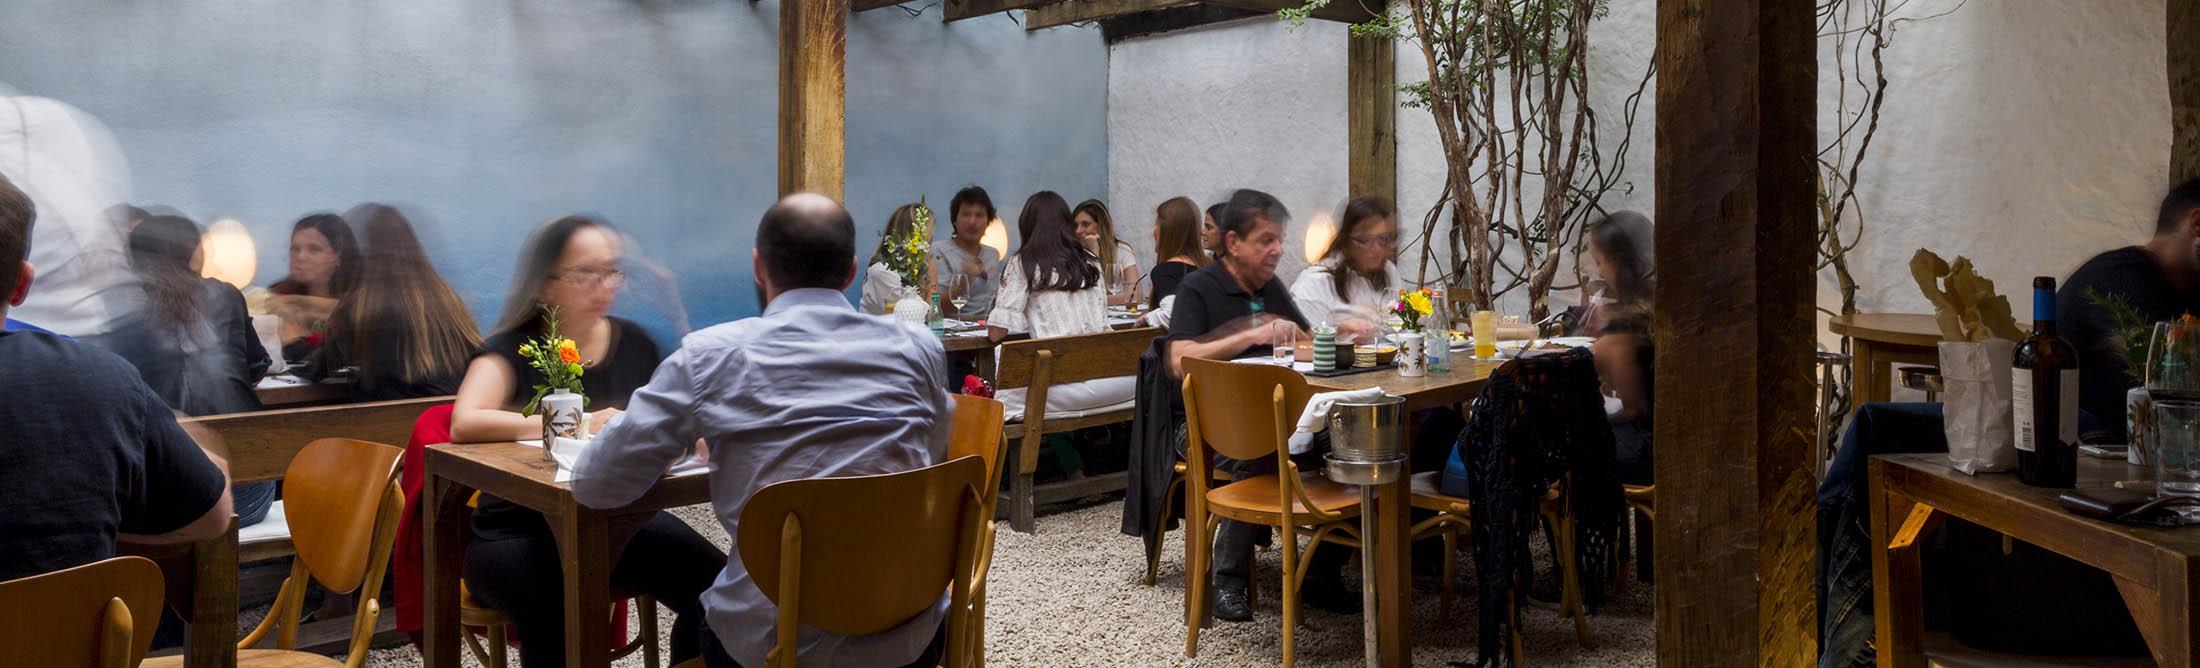 best dating sao paulo restaurant